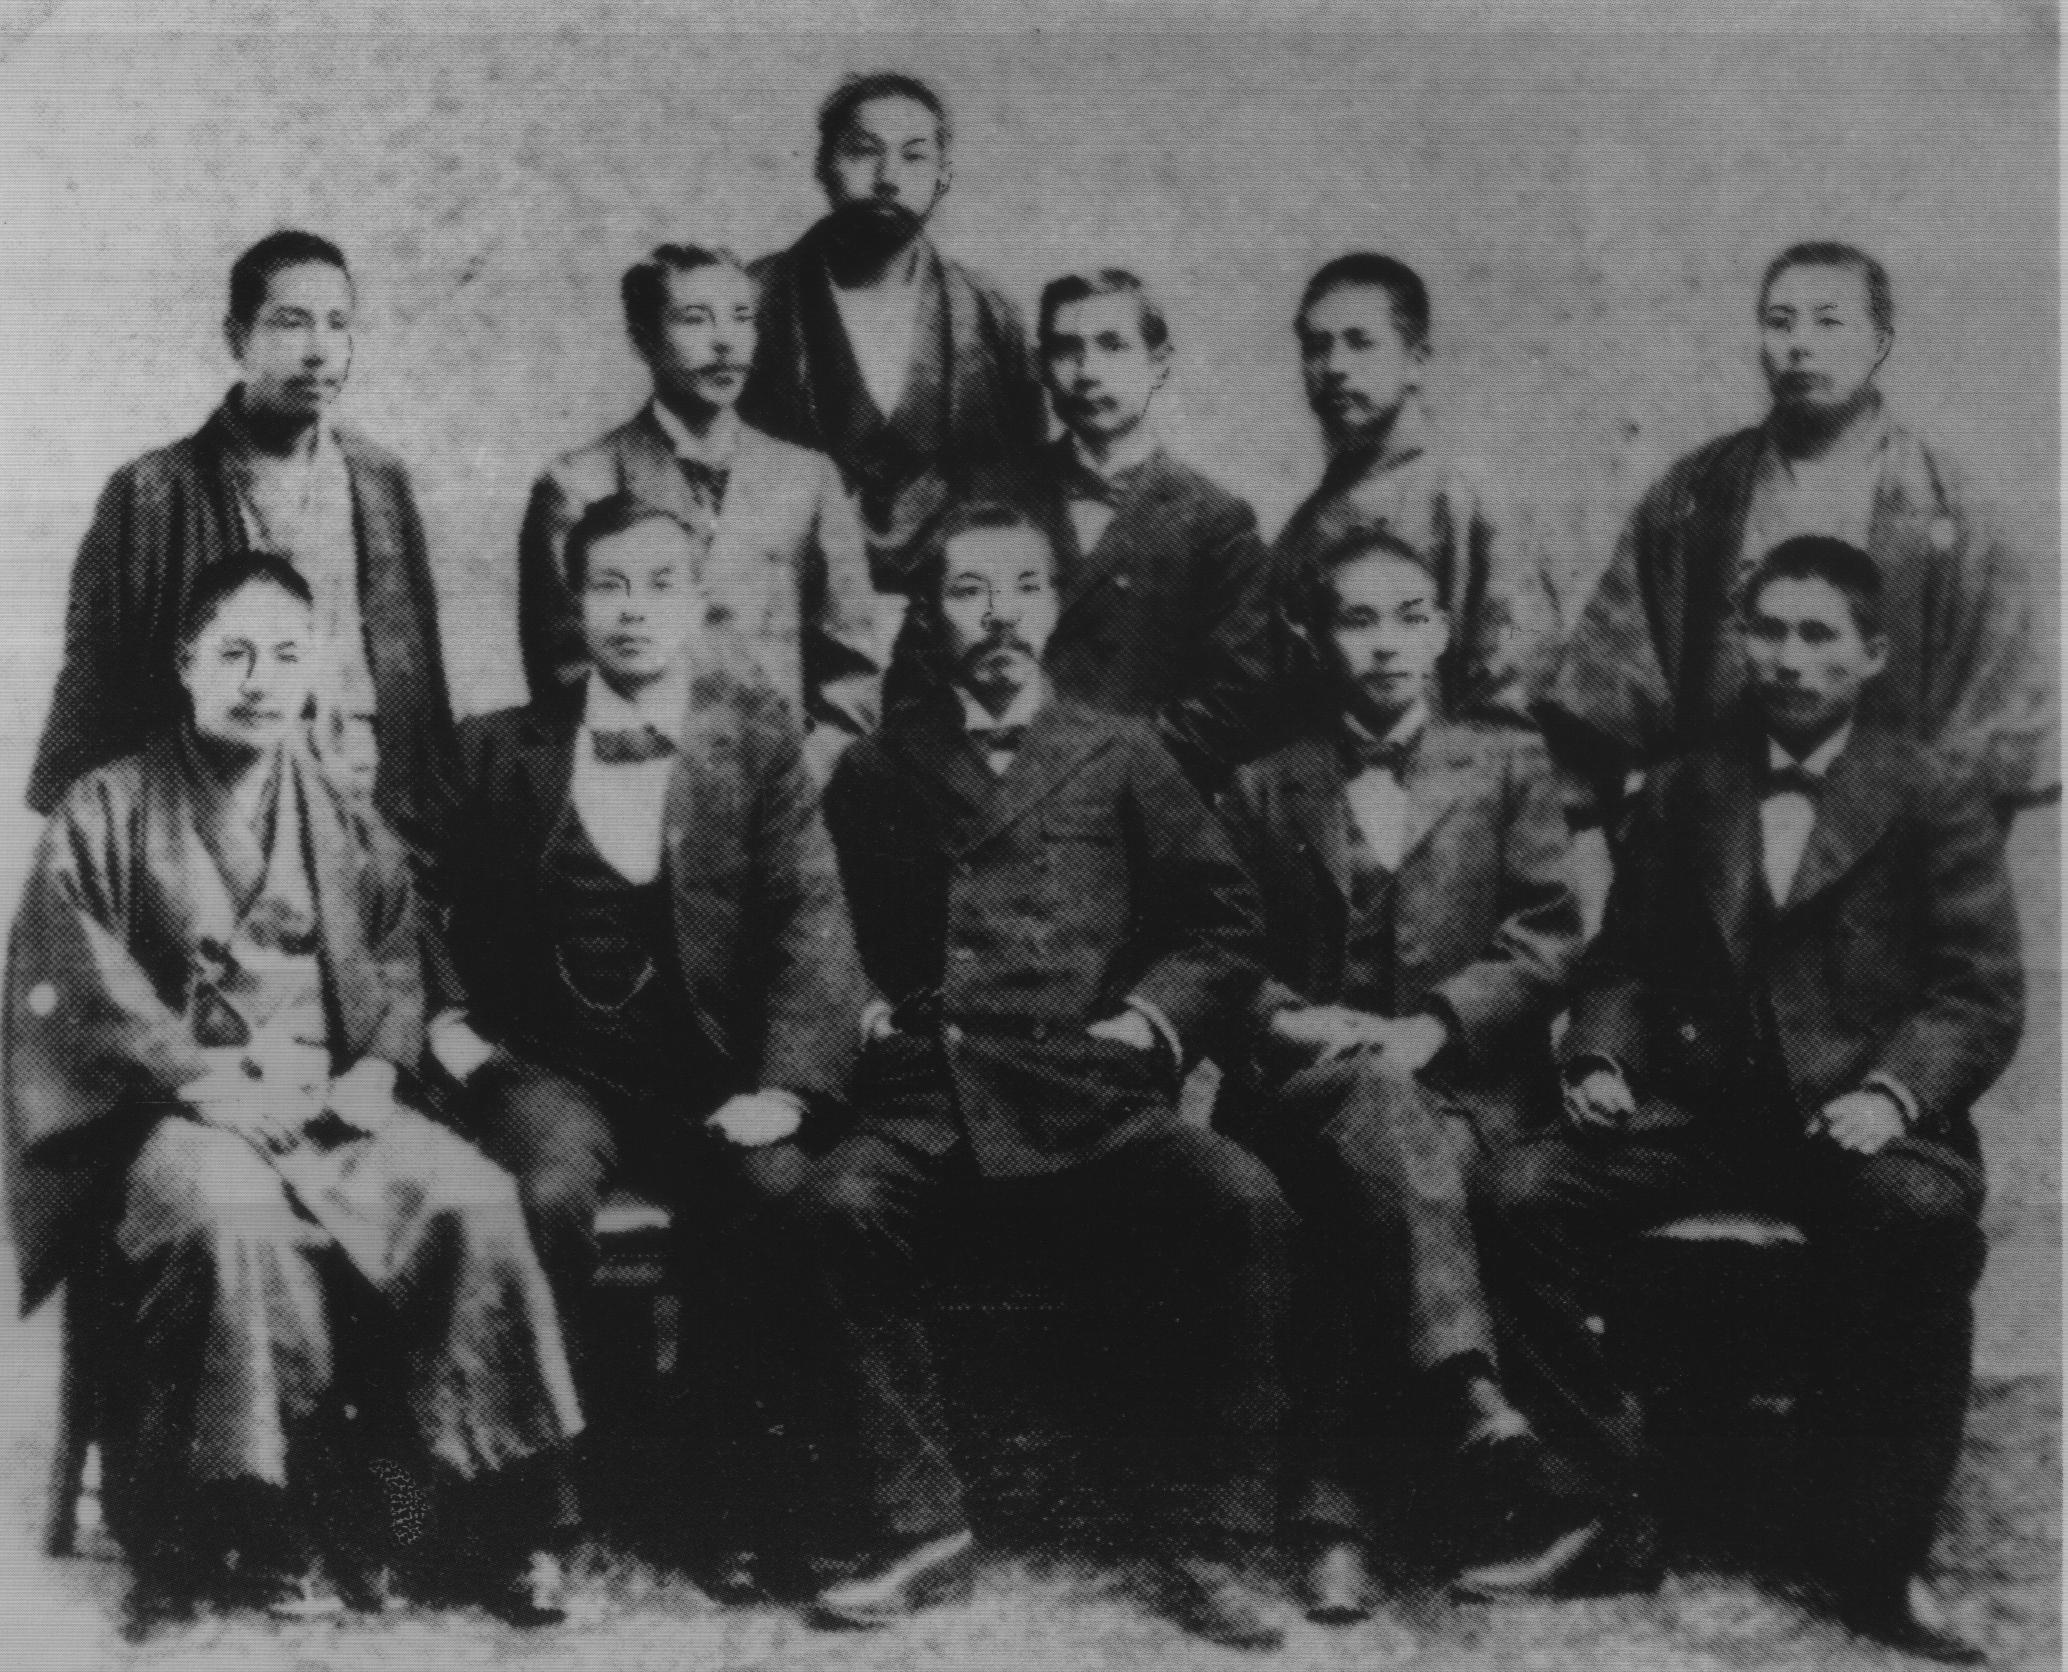 1898年興中會會長楊衢雲等人於日本的合照。(圖片來源:維基百科)